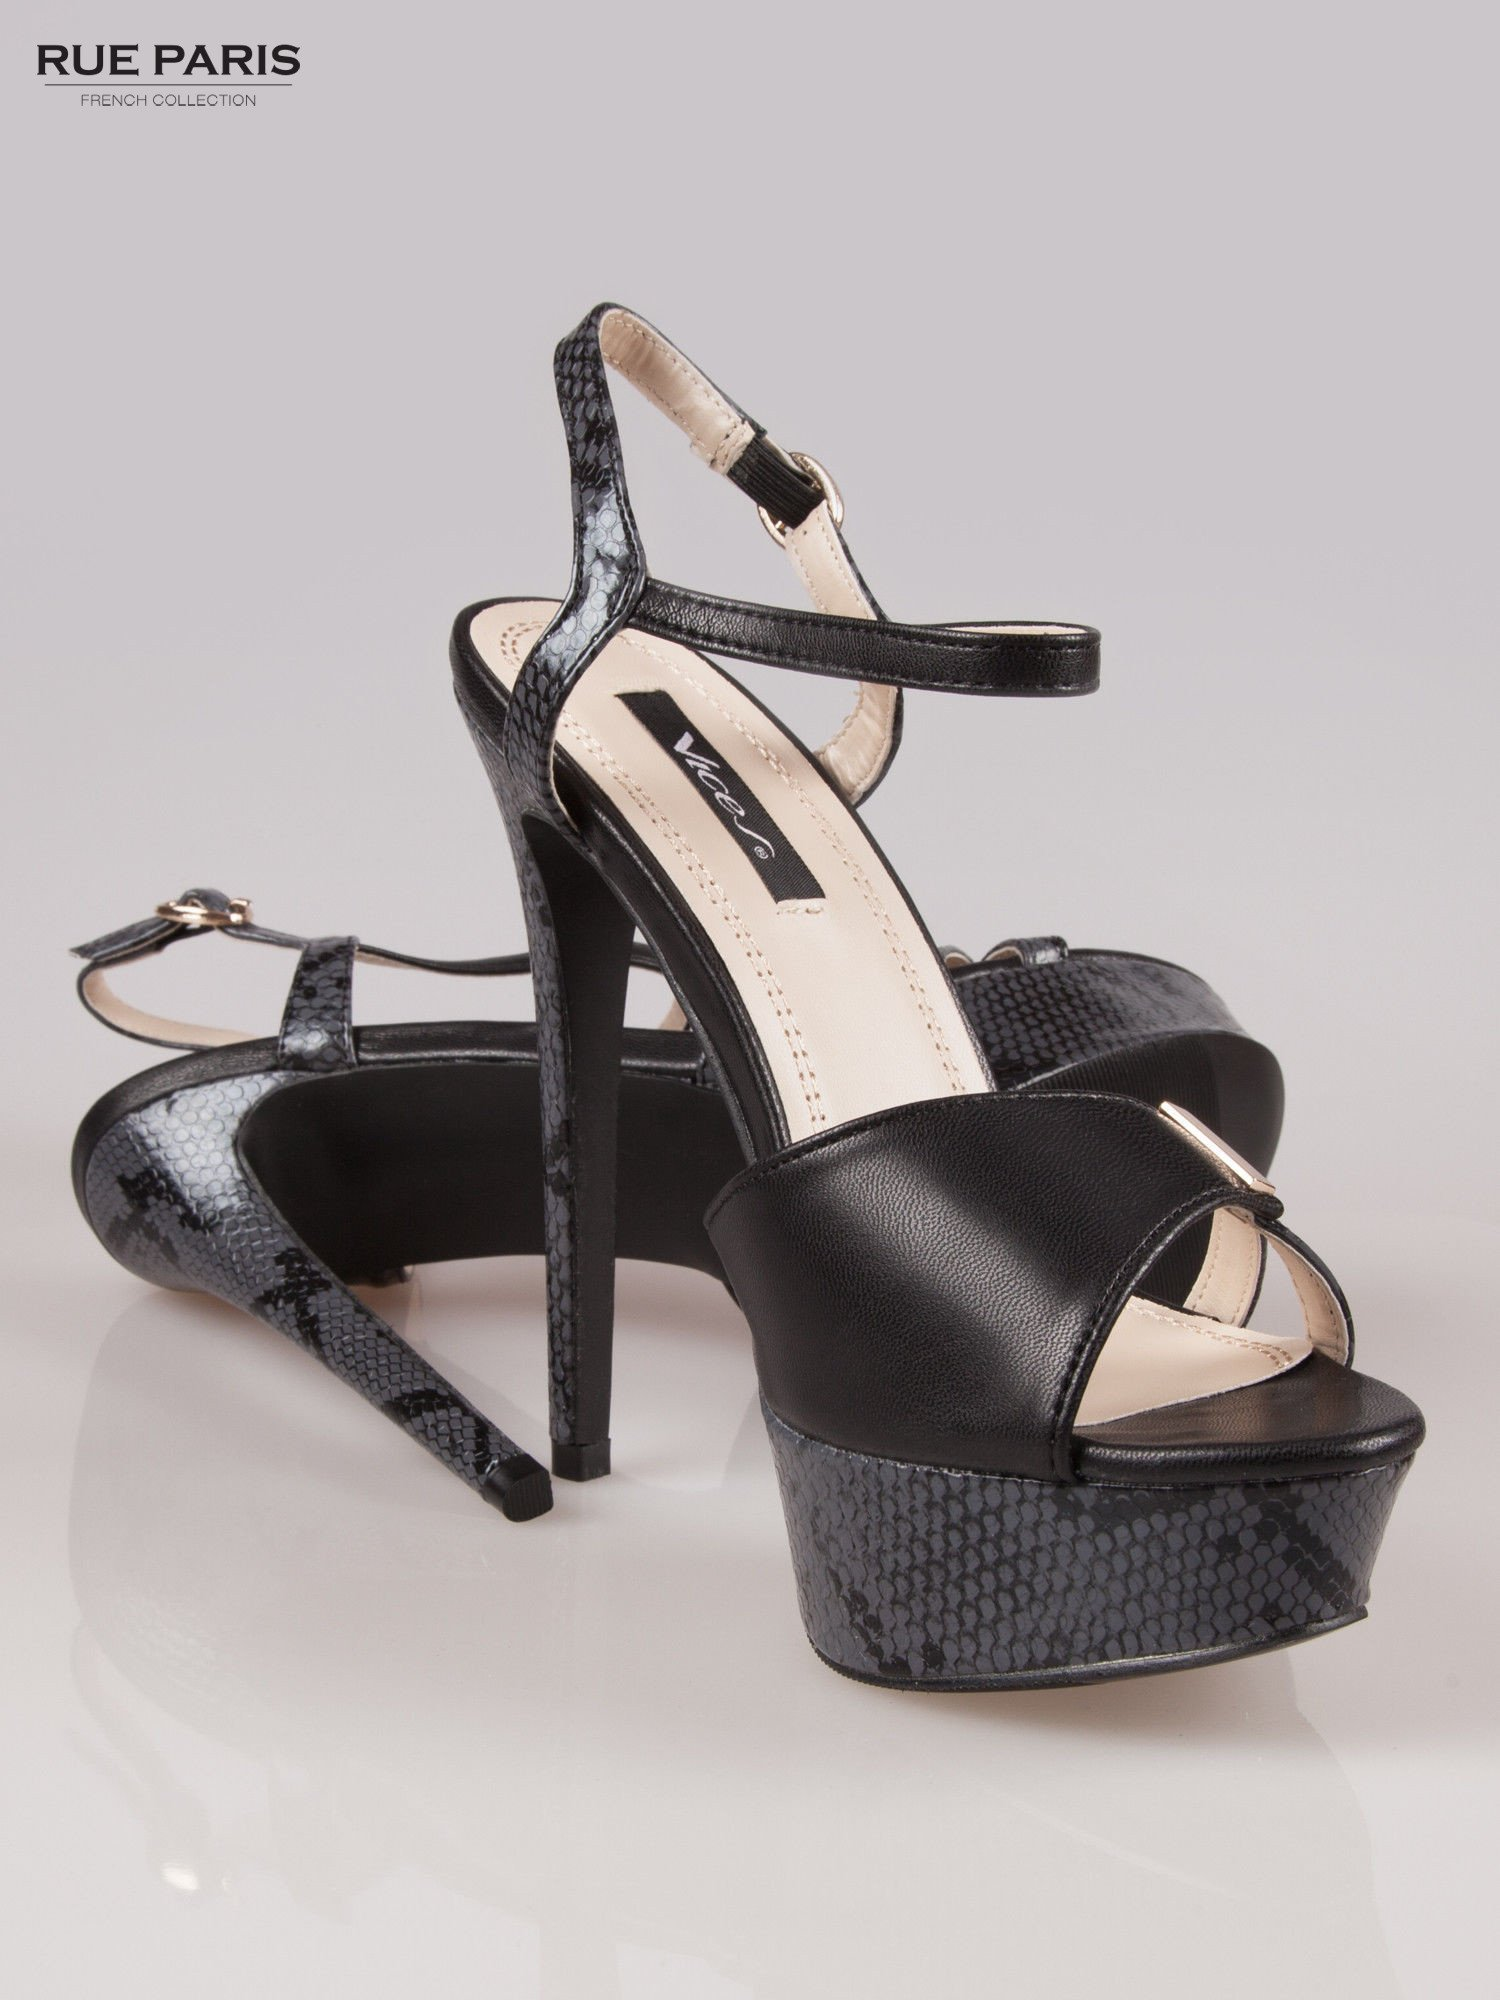 Czarne wężowe sandały na szpilce Amber zapinane na kostce                                  zdj.                                  4